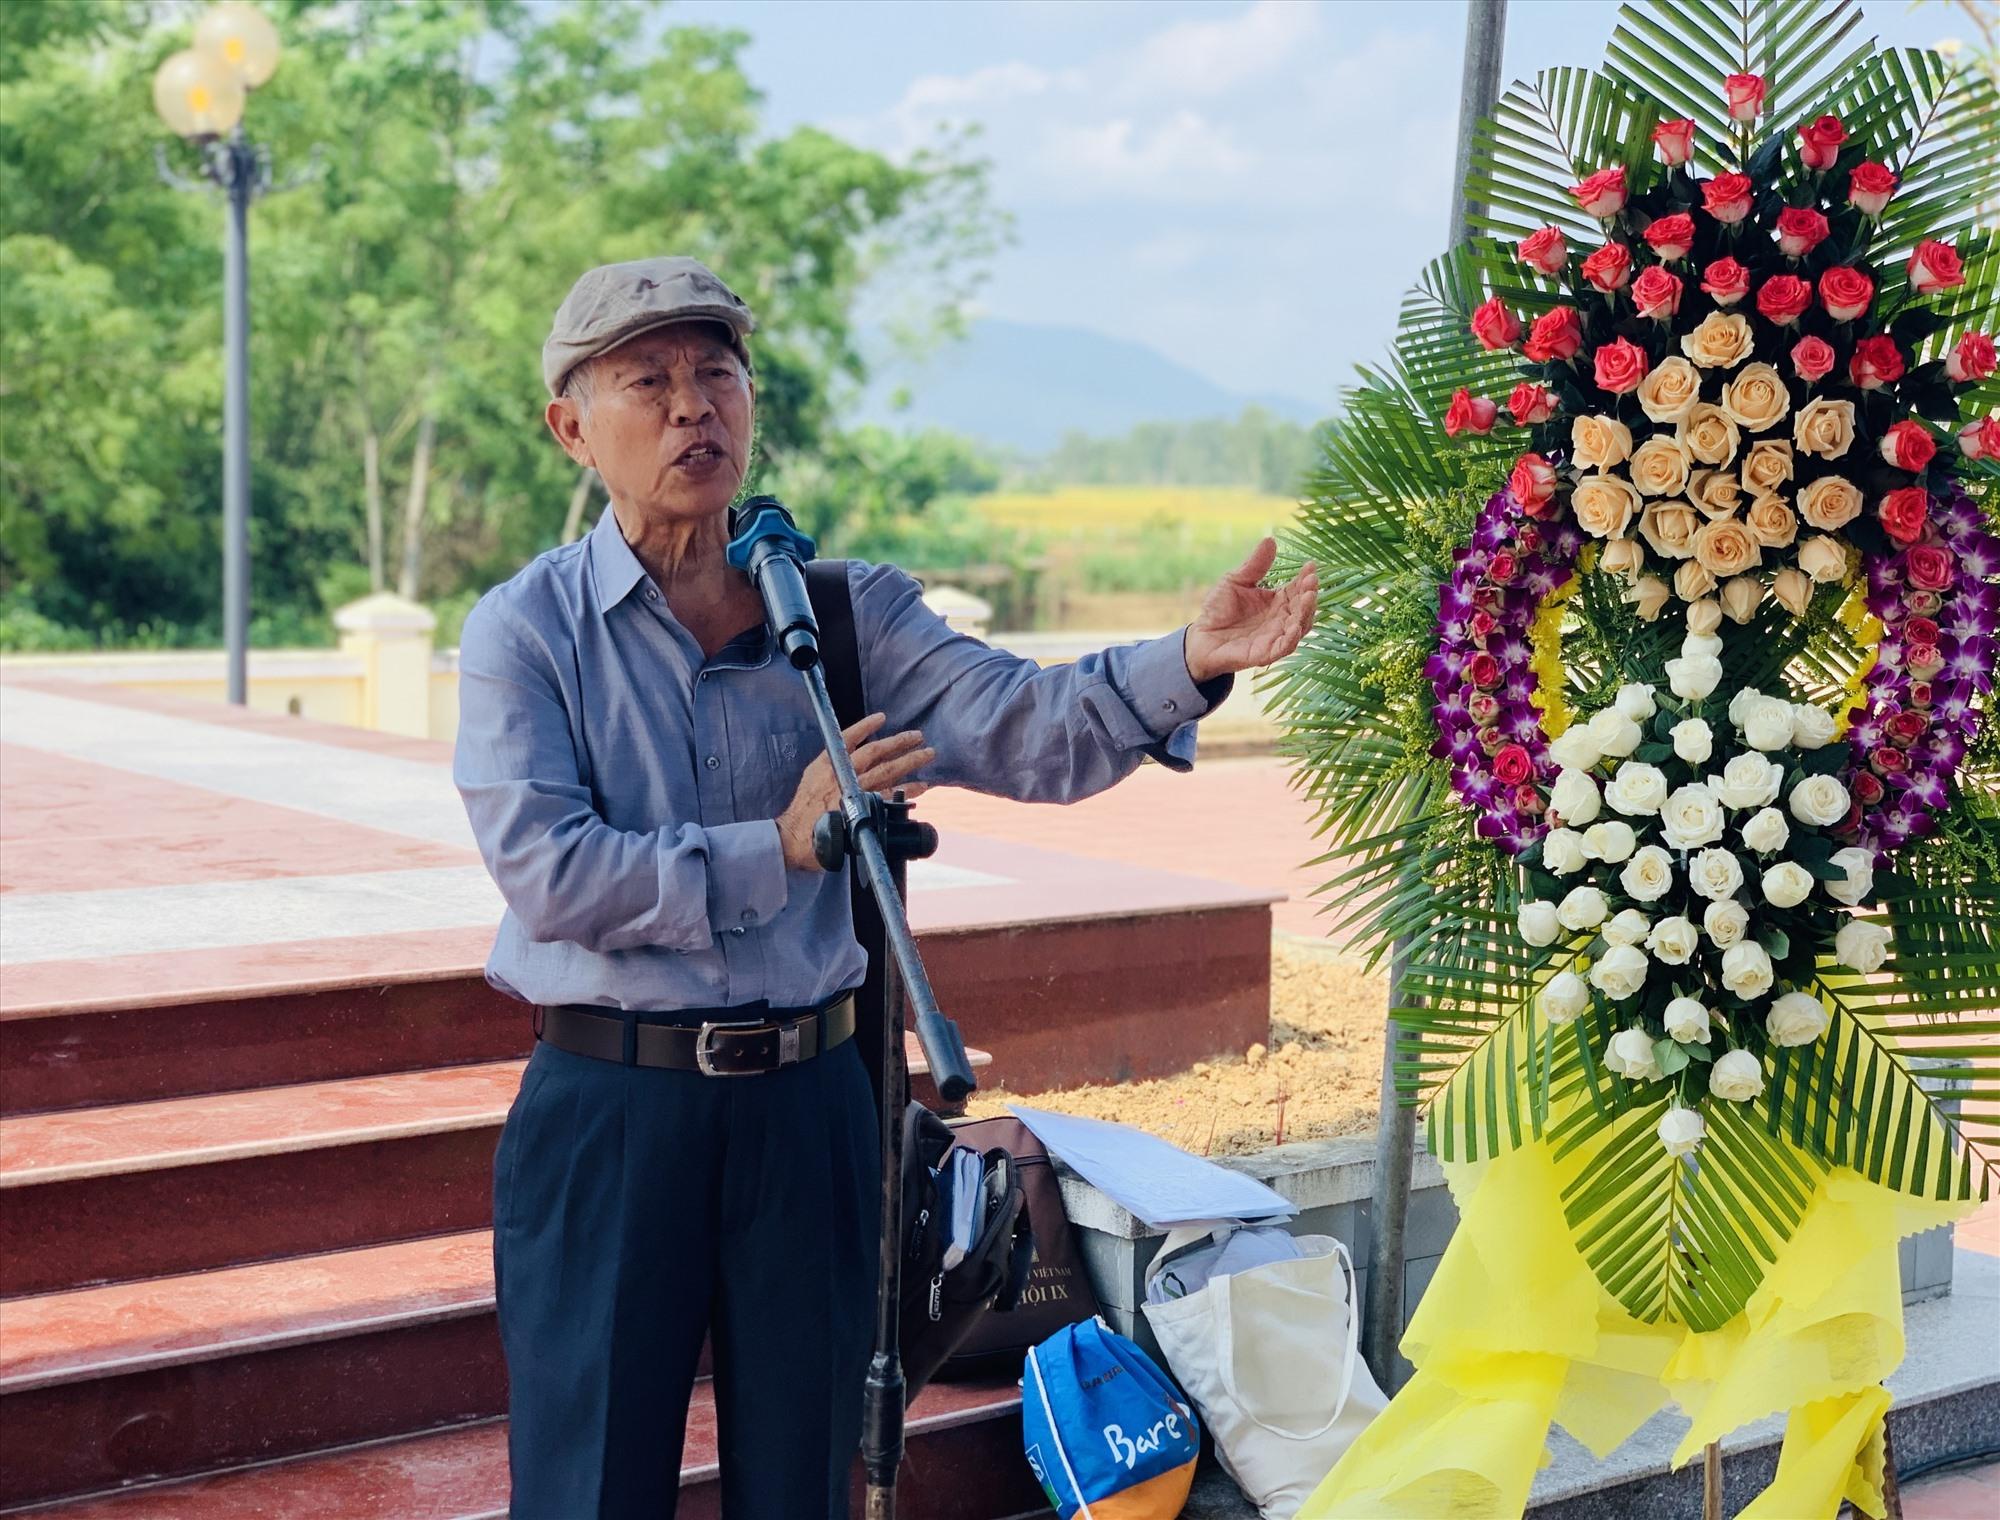 Nhà báo, nhà văn Hồ Duy Lệ kể một số câu chuyện về cuộc đời nhà báo, nhà văn Chu Cẩm Phong. Ảnh: T.S